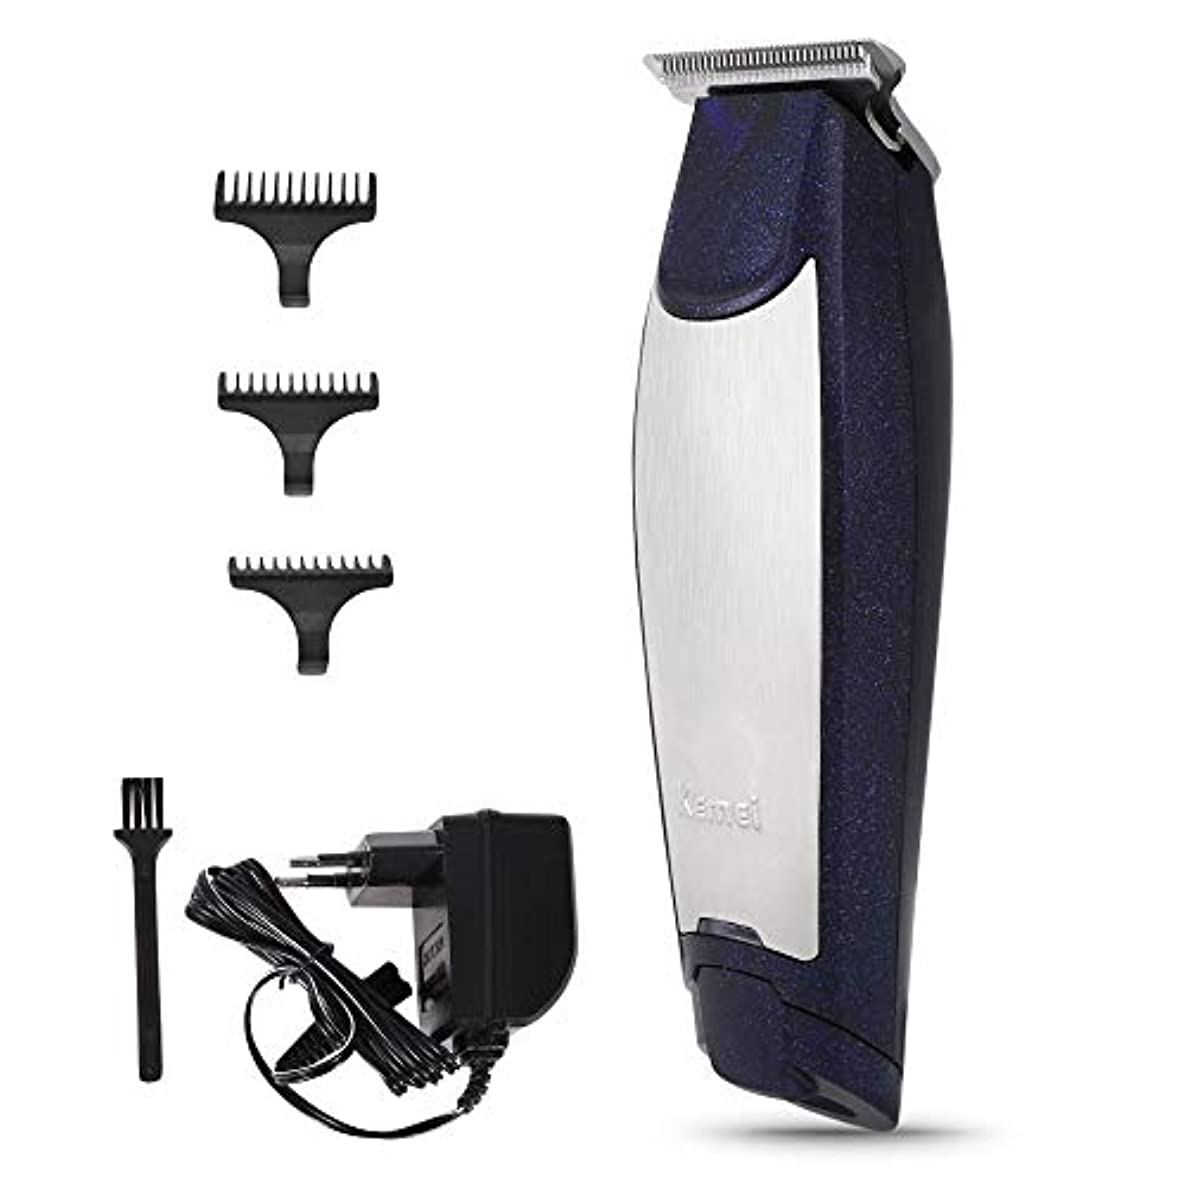 バリカン充電式ヘアカッタークリッピングマシン散髪理髪はさみトリマー付き3ガイドコムズ用男性